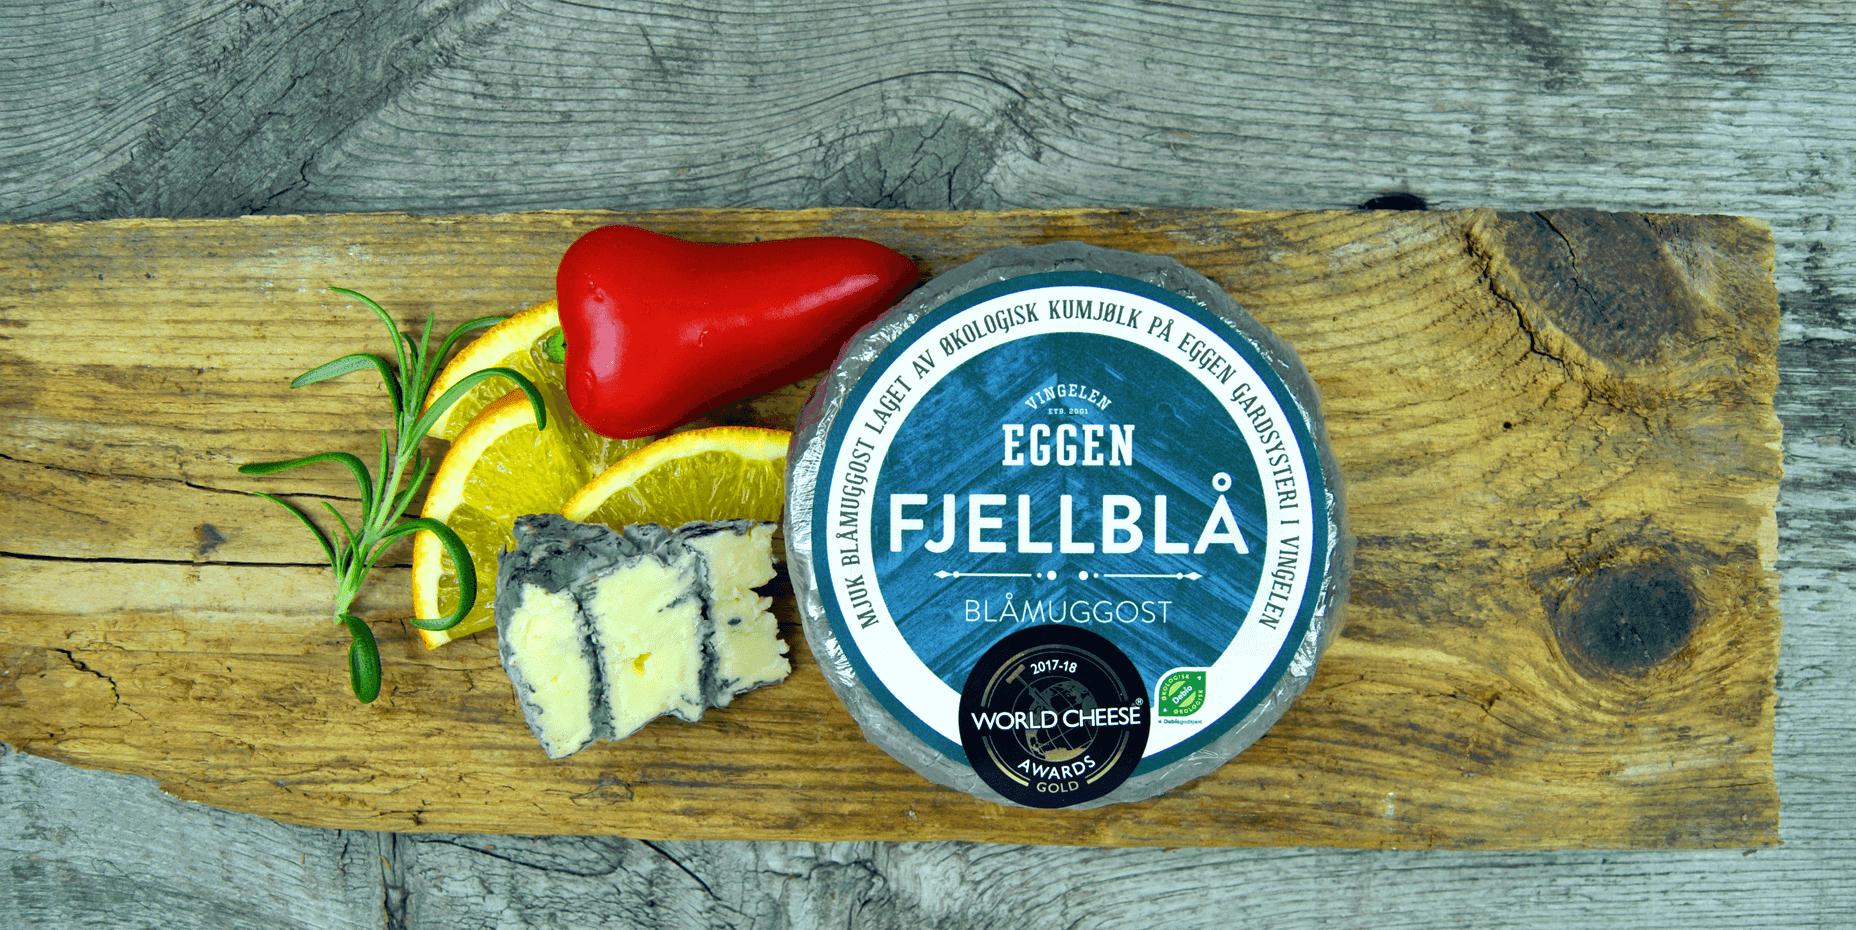 Eggen Fjellblå - Blåmuggost